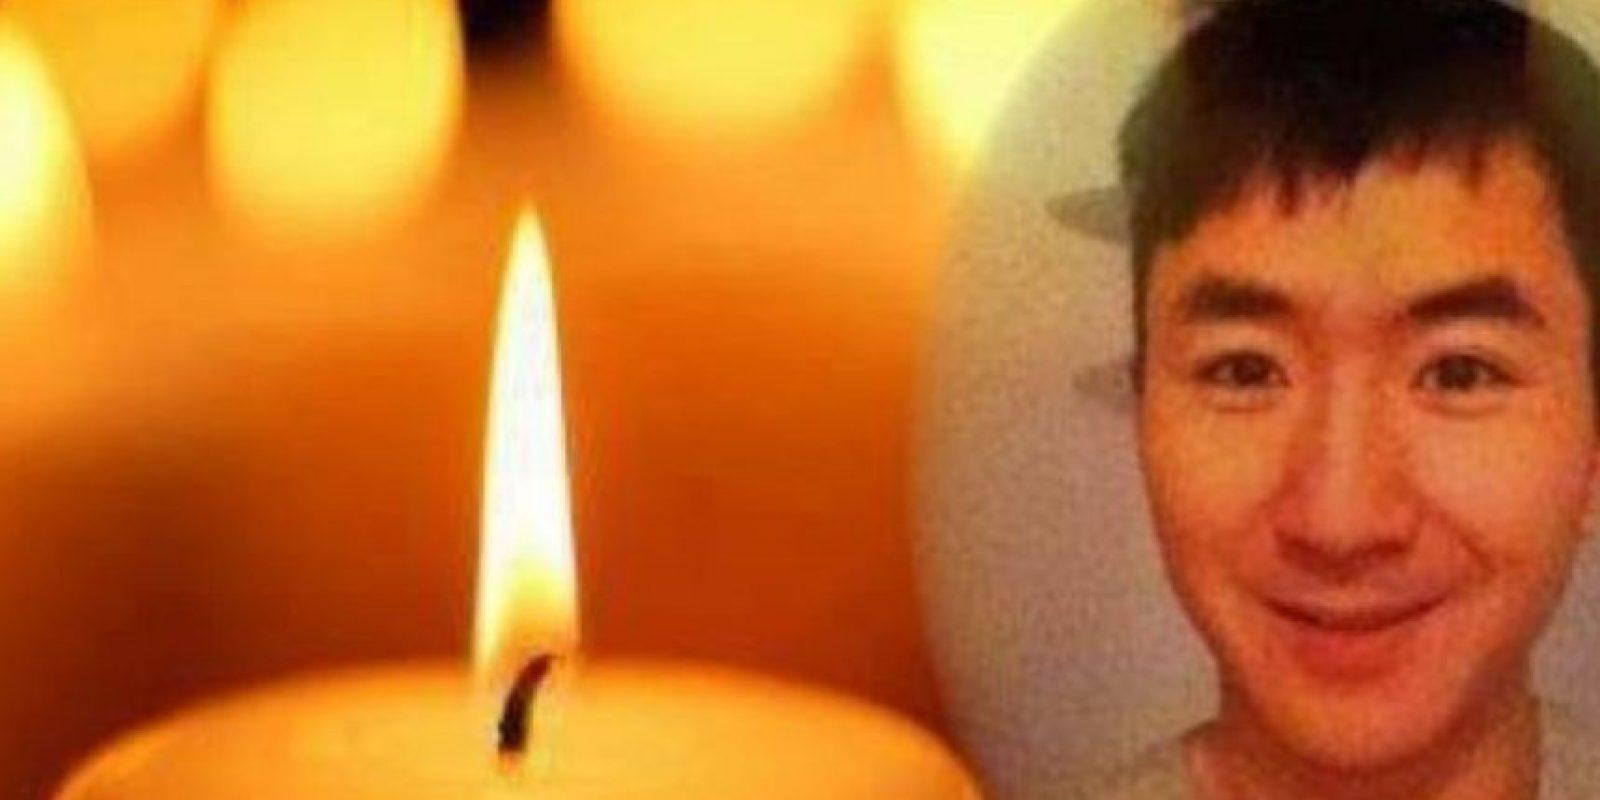 En 2012, Luka Magnotta asesinó a Jun Lin, un estudiante chino al que descuartizó para después practicar necrofilia y canibalismo con su cadaver Foto:Twitter